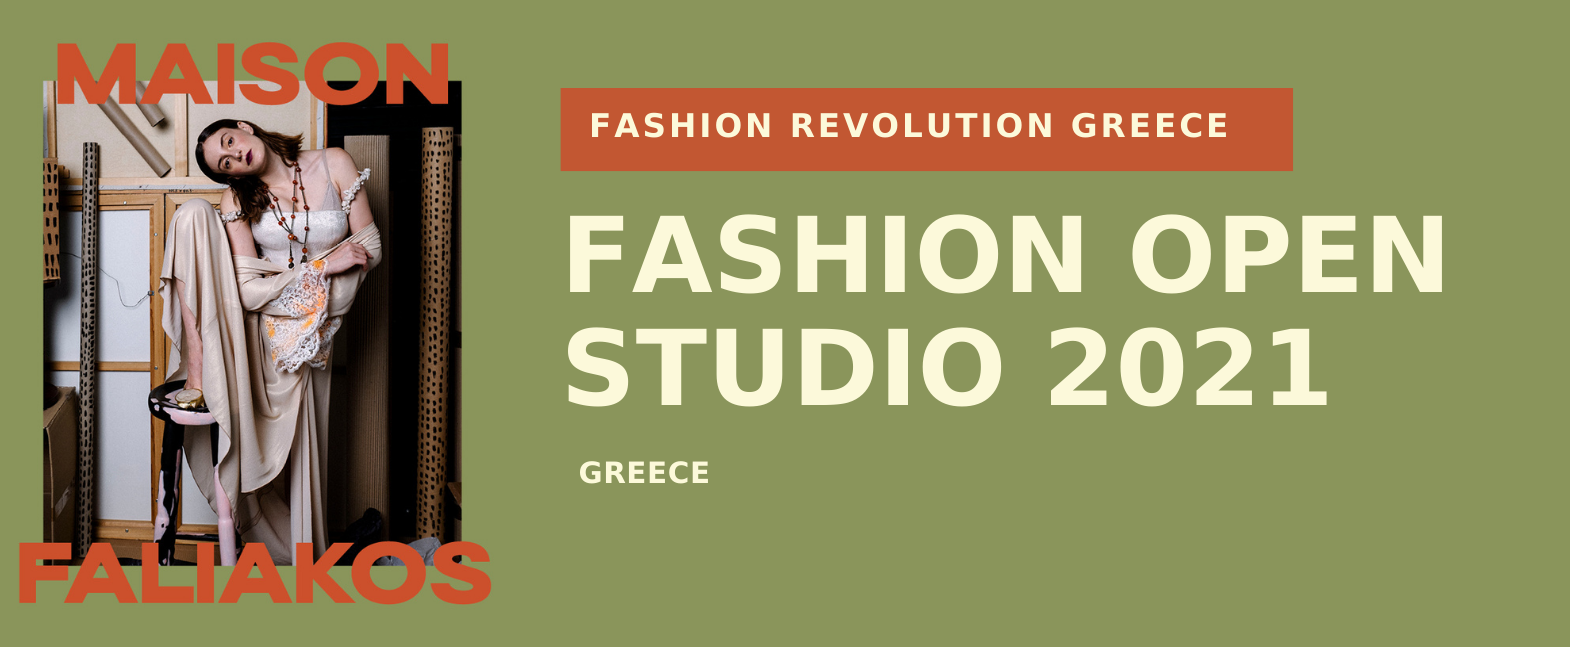 Fashion Open Studio GREECE 2021 | Maison Faliakos